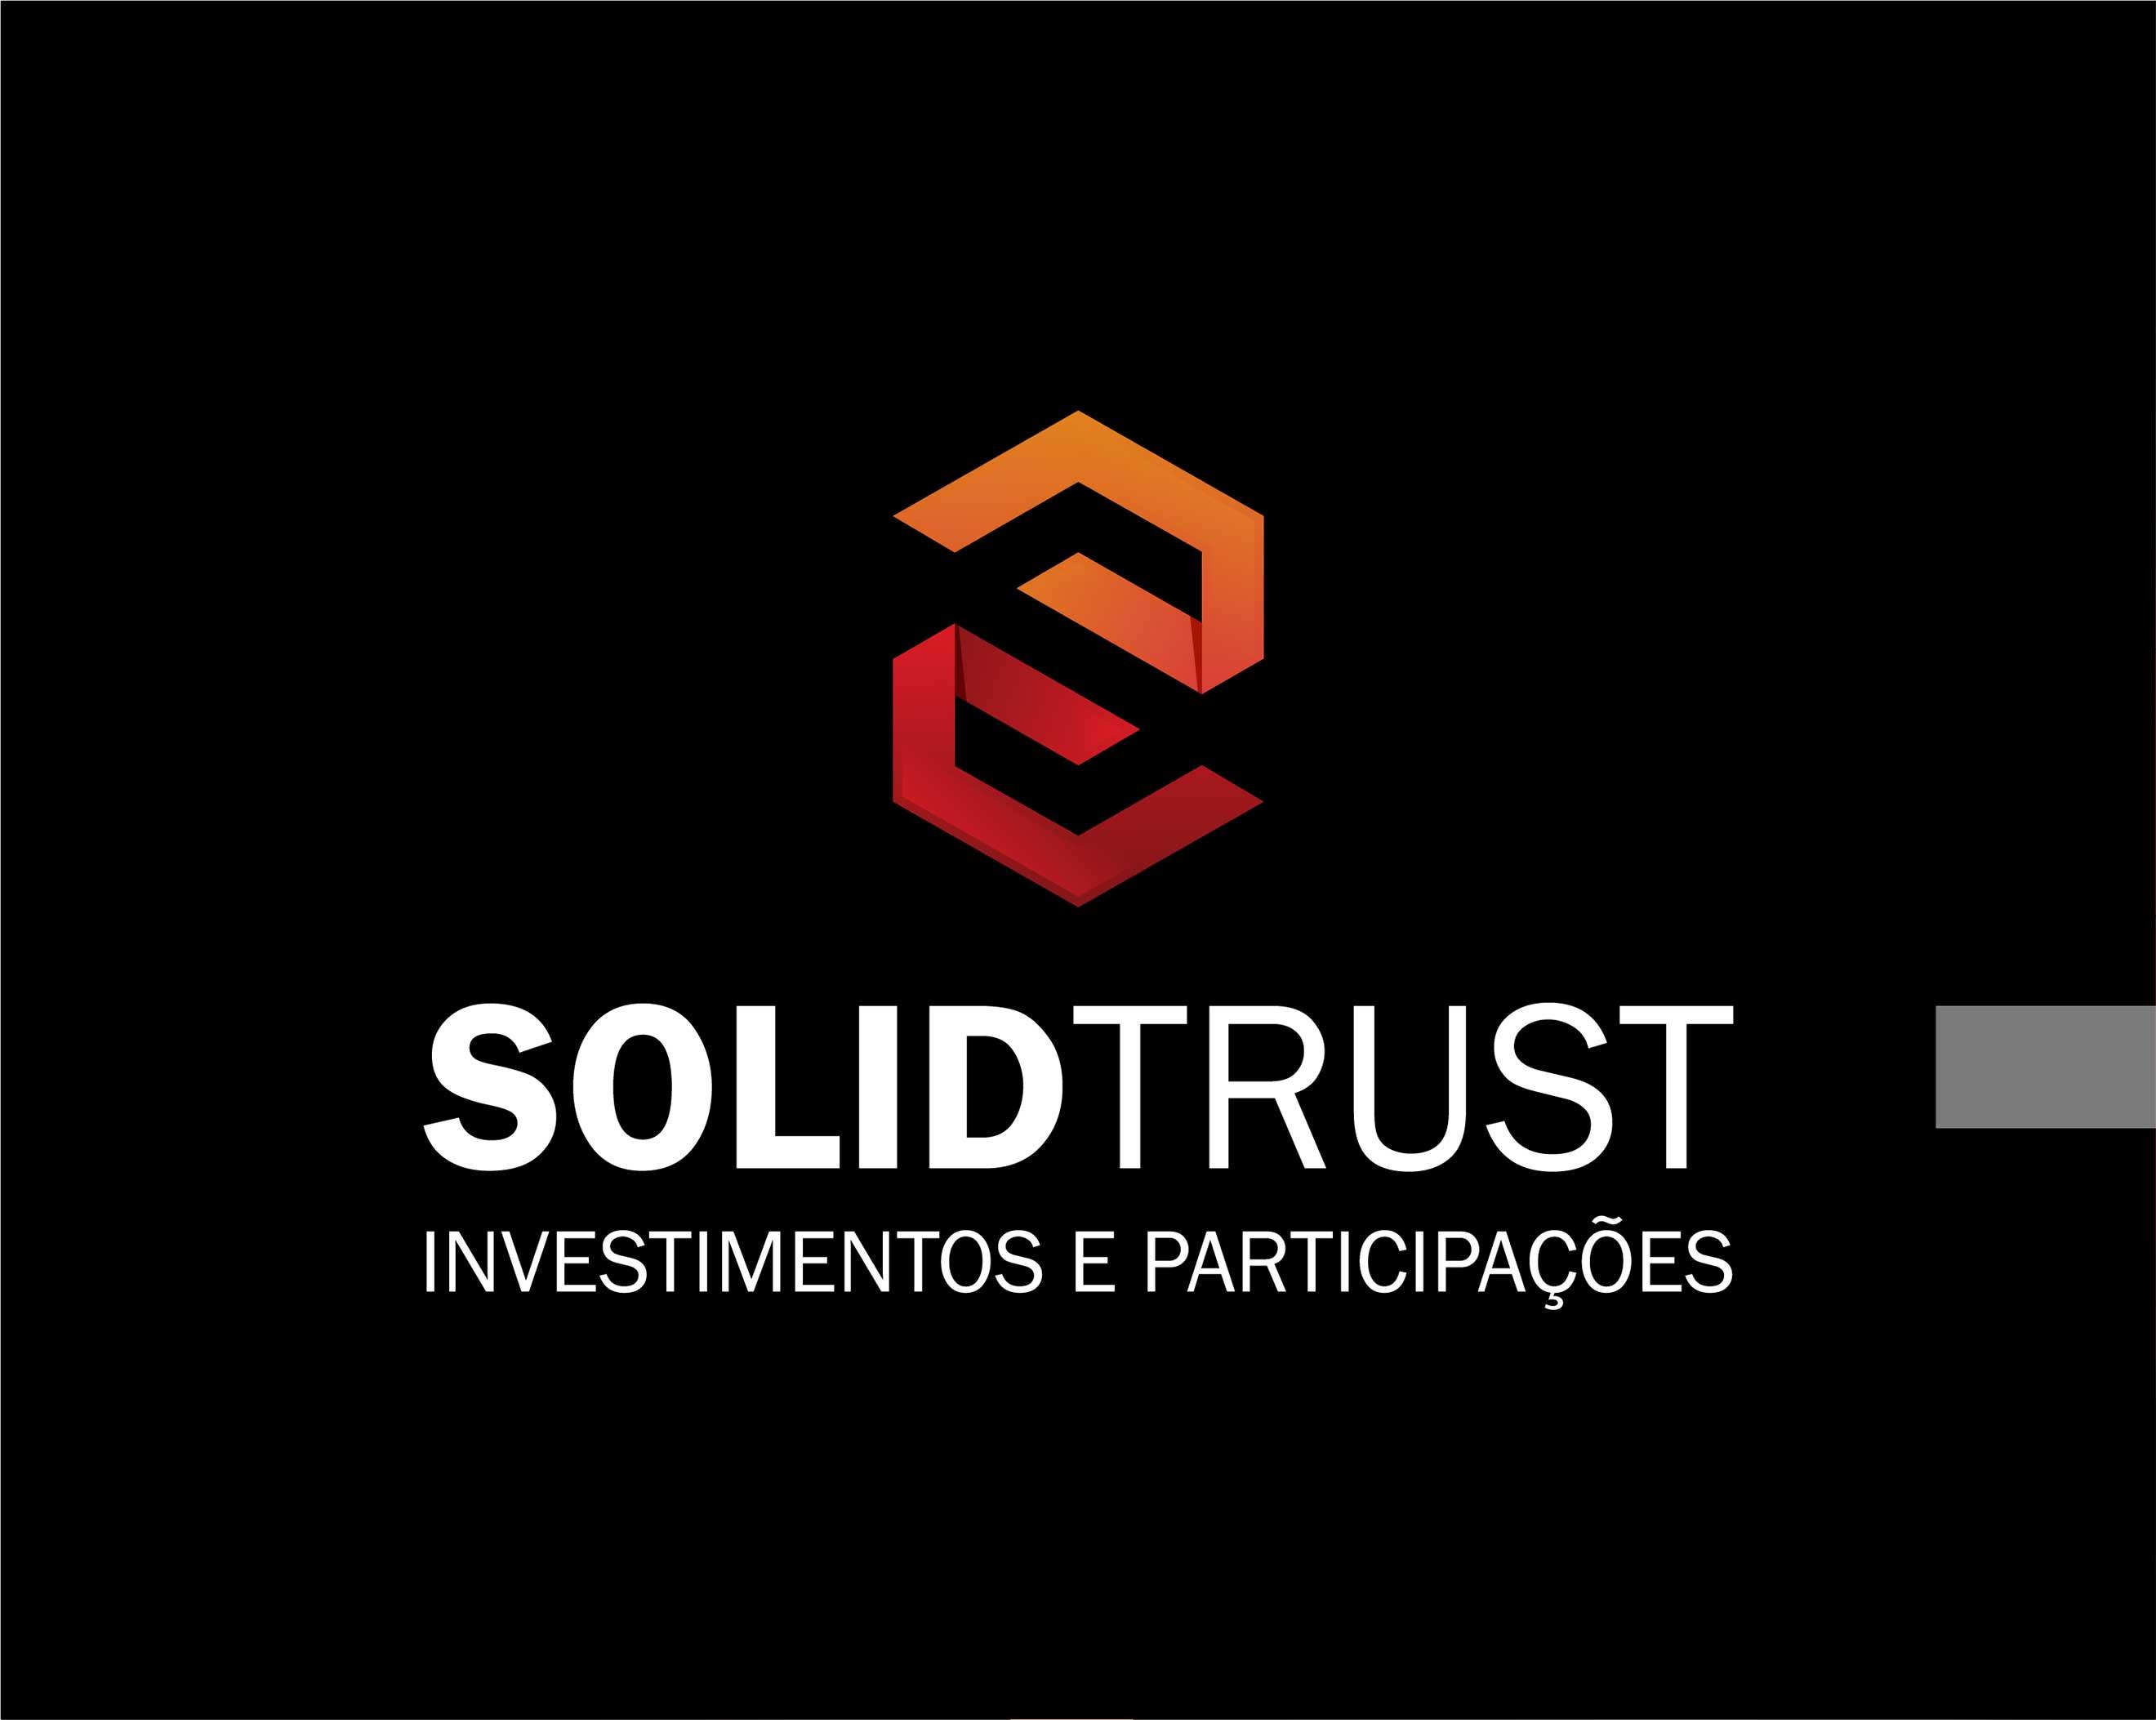 Solidtrust